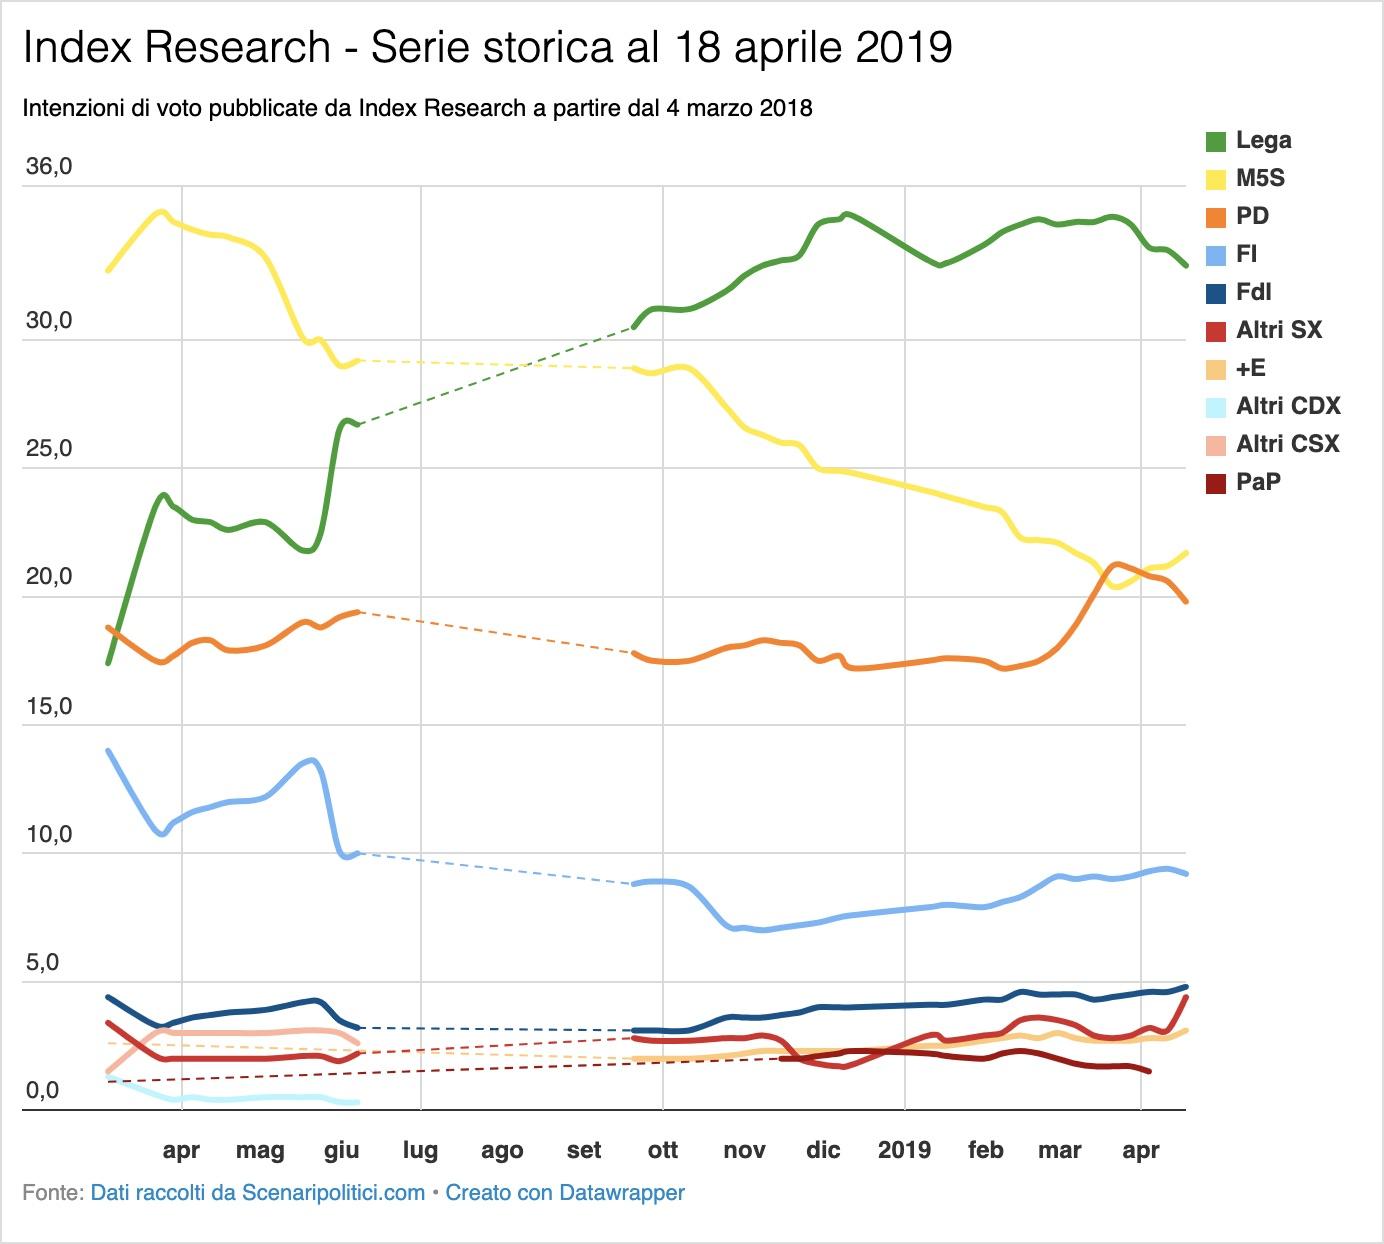 Sondaggio Index Research 18 aprile 2019